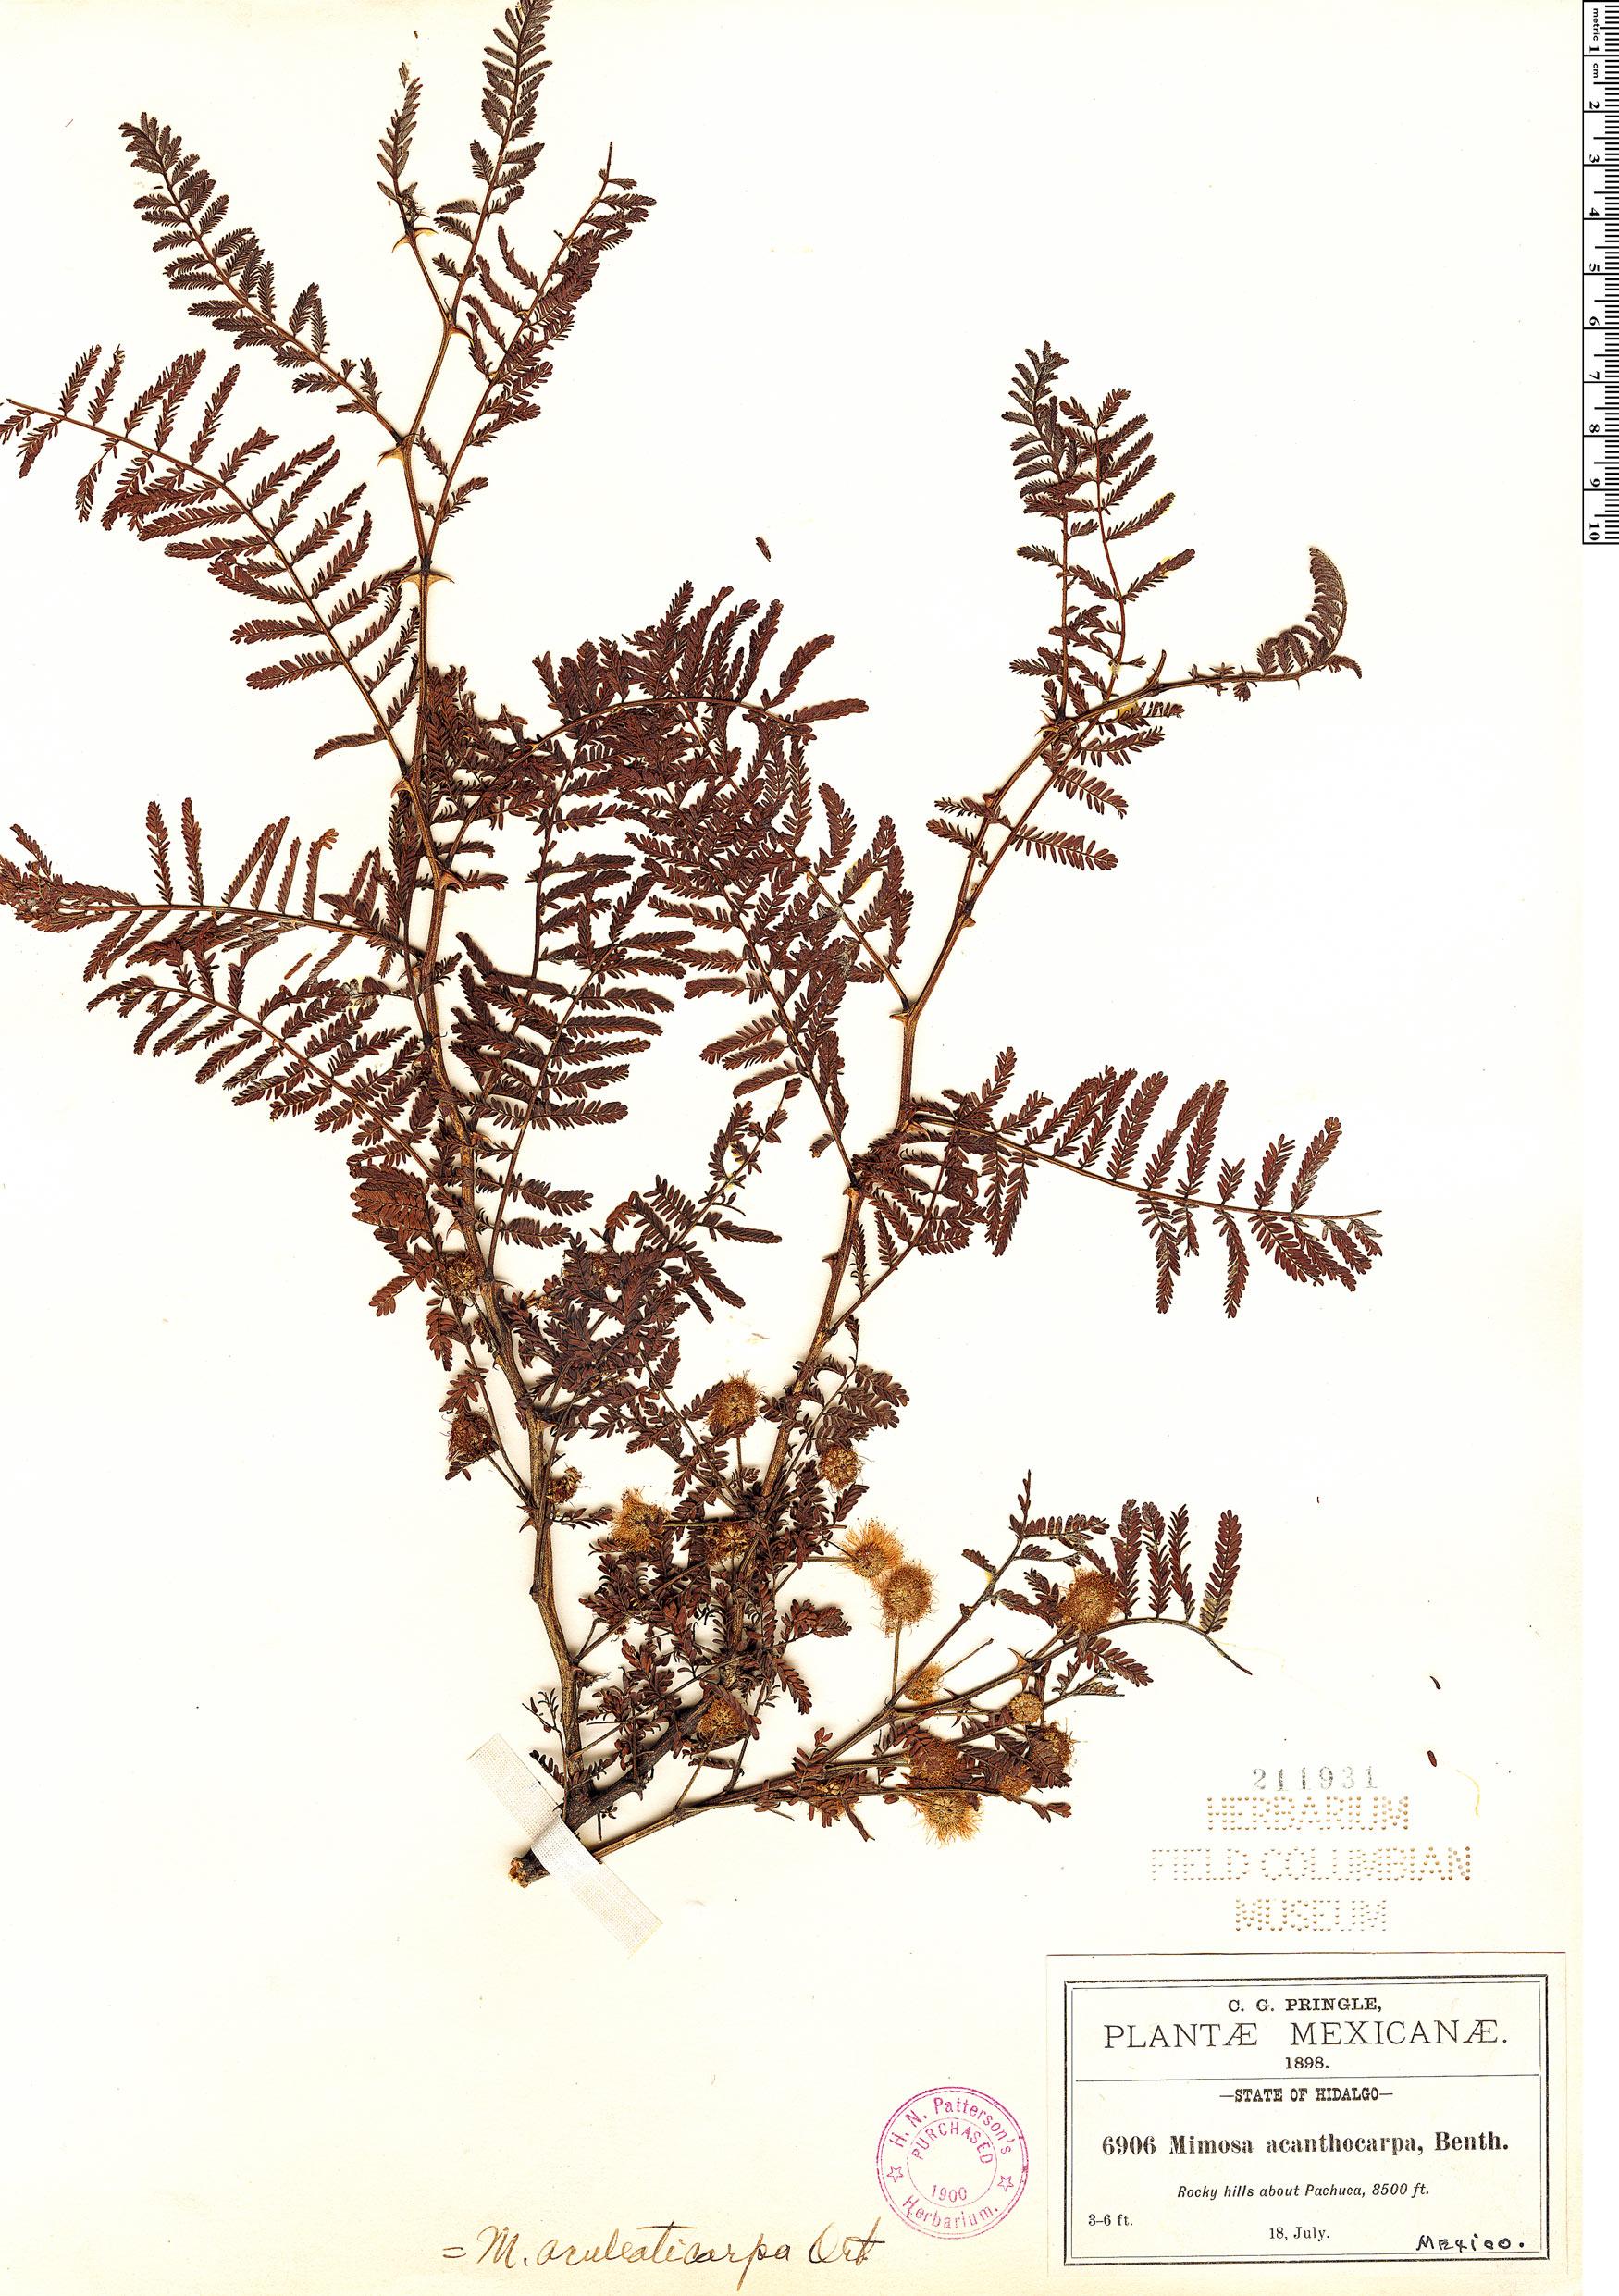 Specimen: Mimosa aculeaticarpa